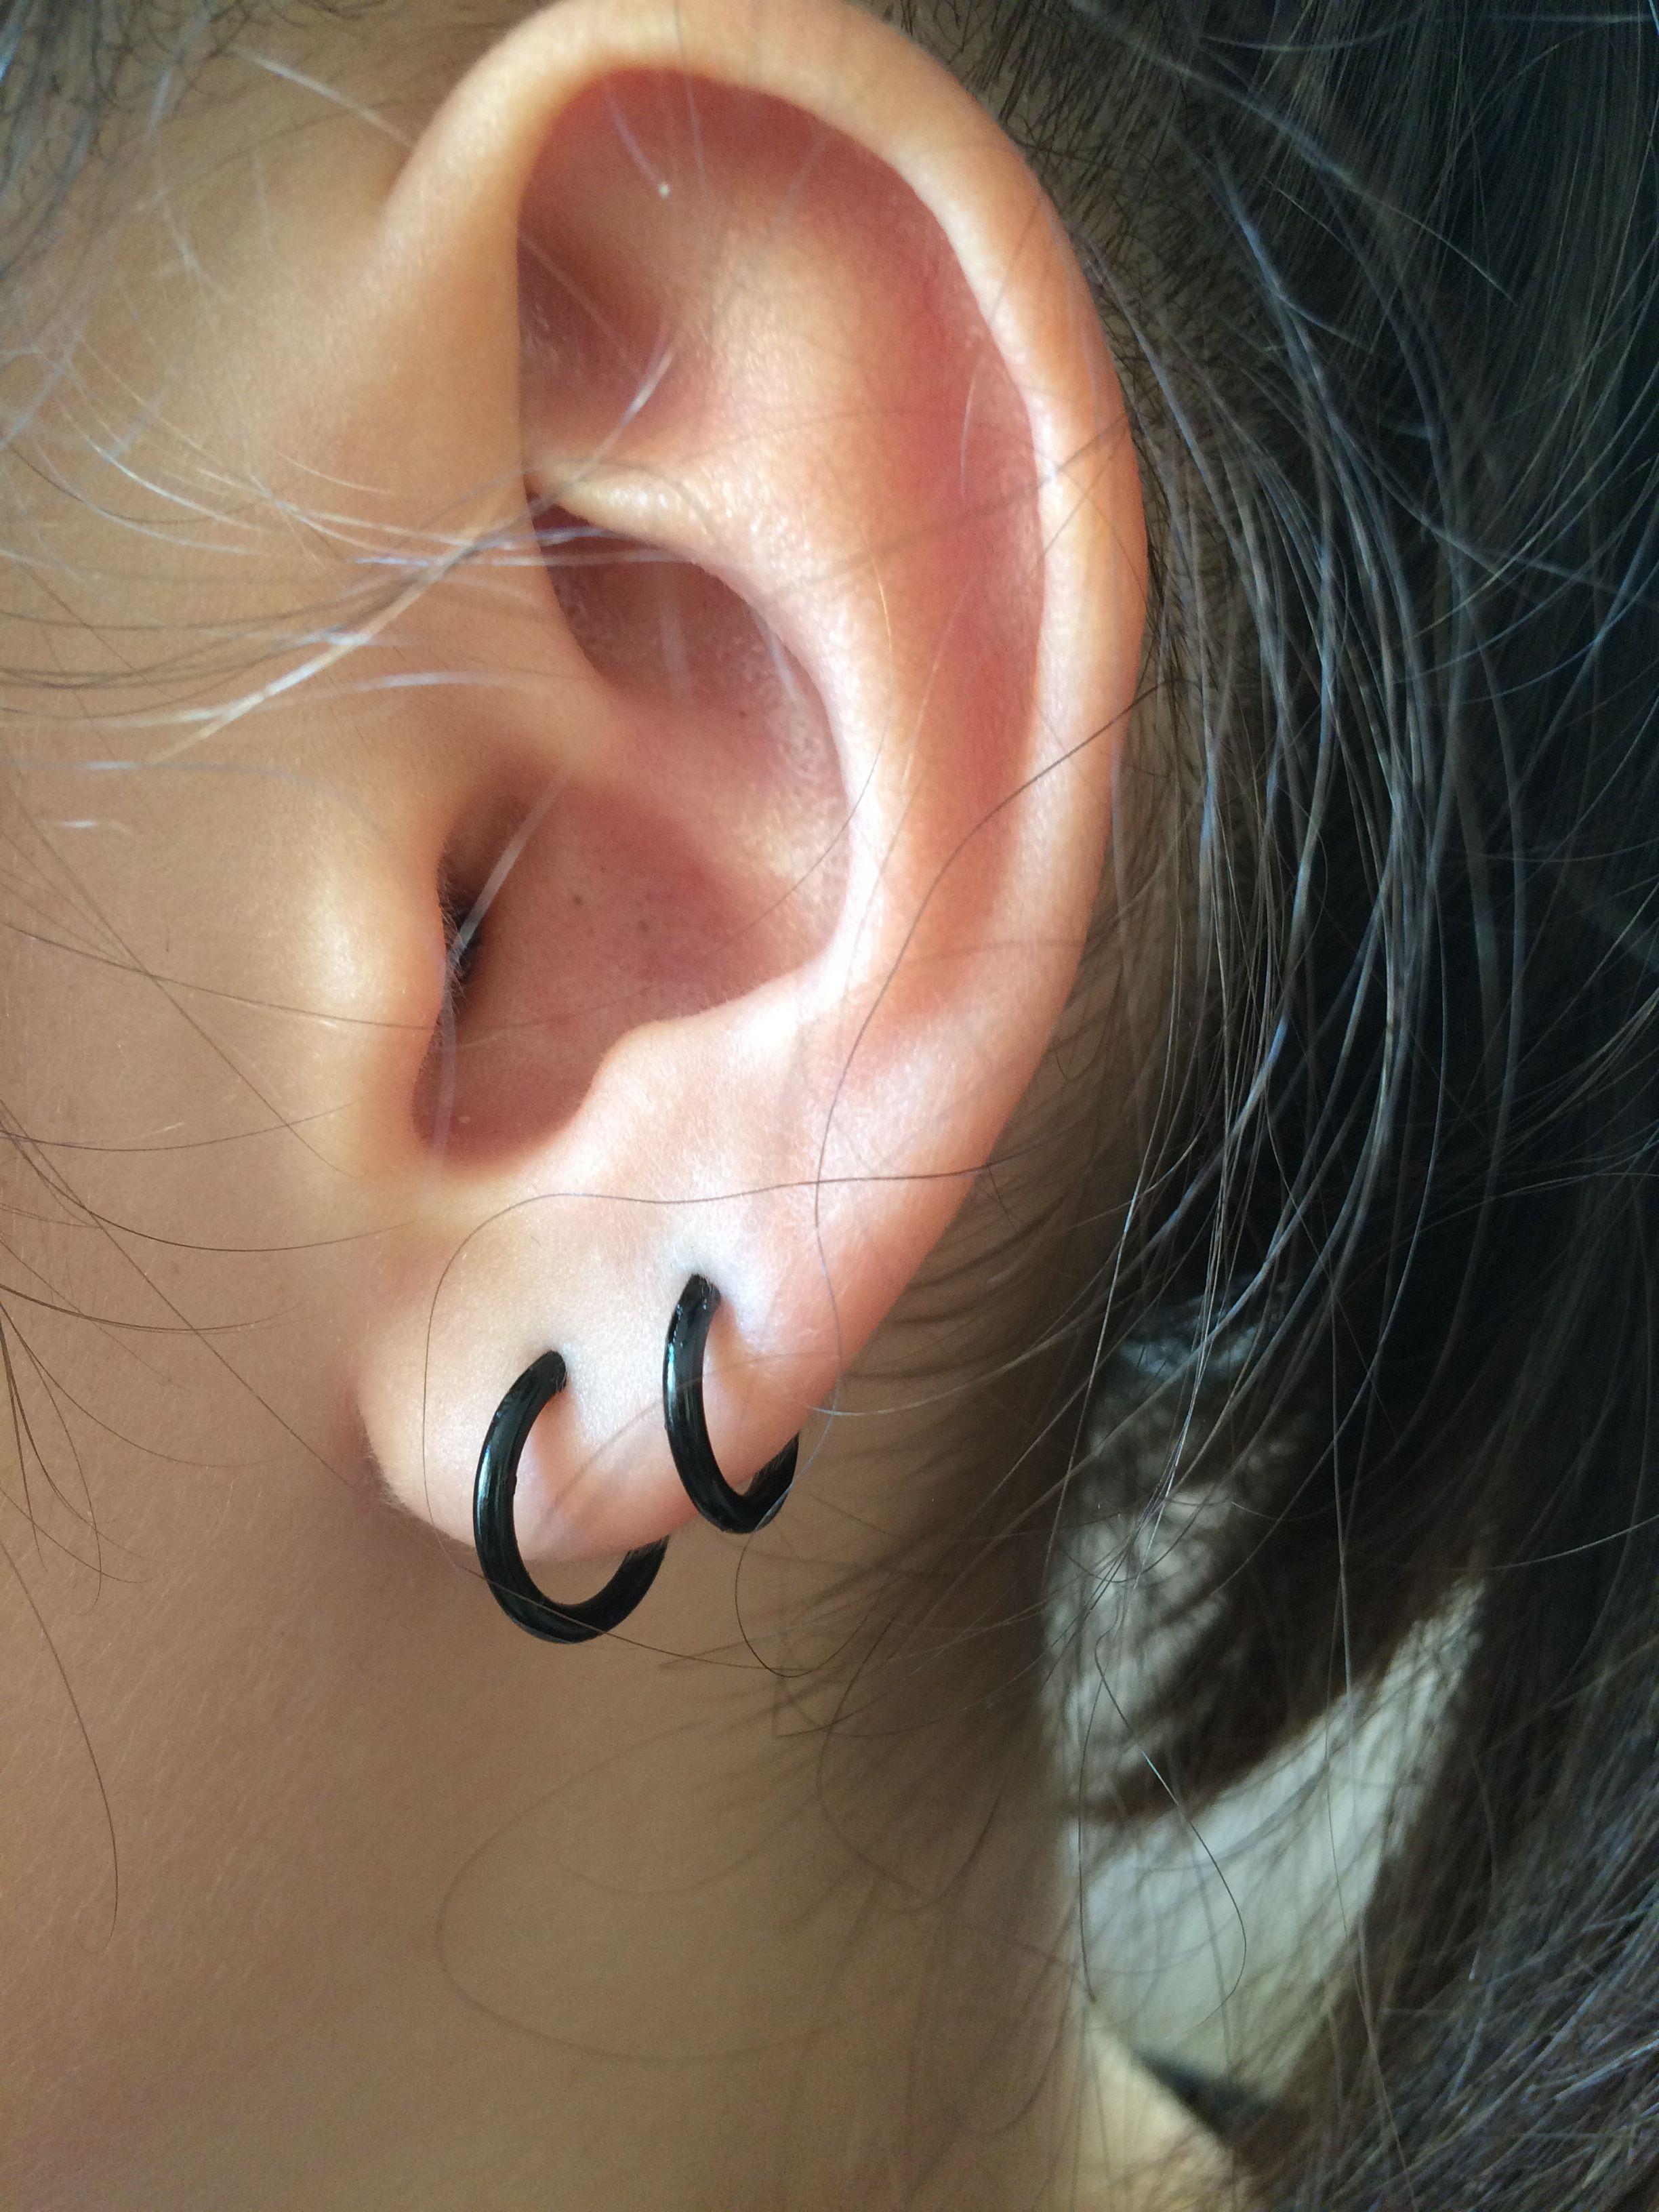 Piercing from nose to ear  Pin by Fatma on Ear Piercings  Pinterest  Ear piercings